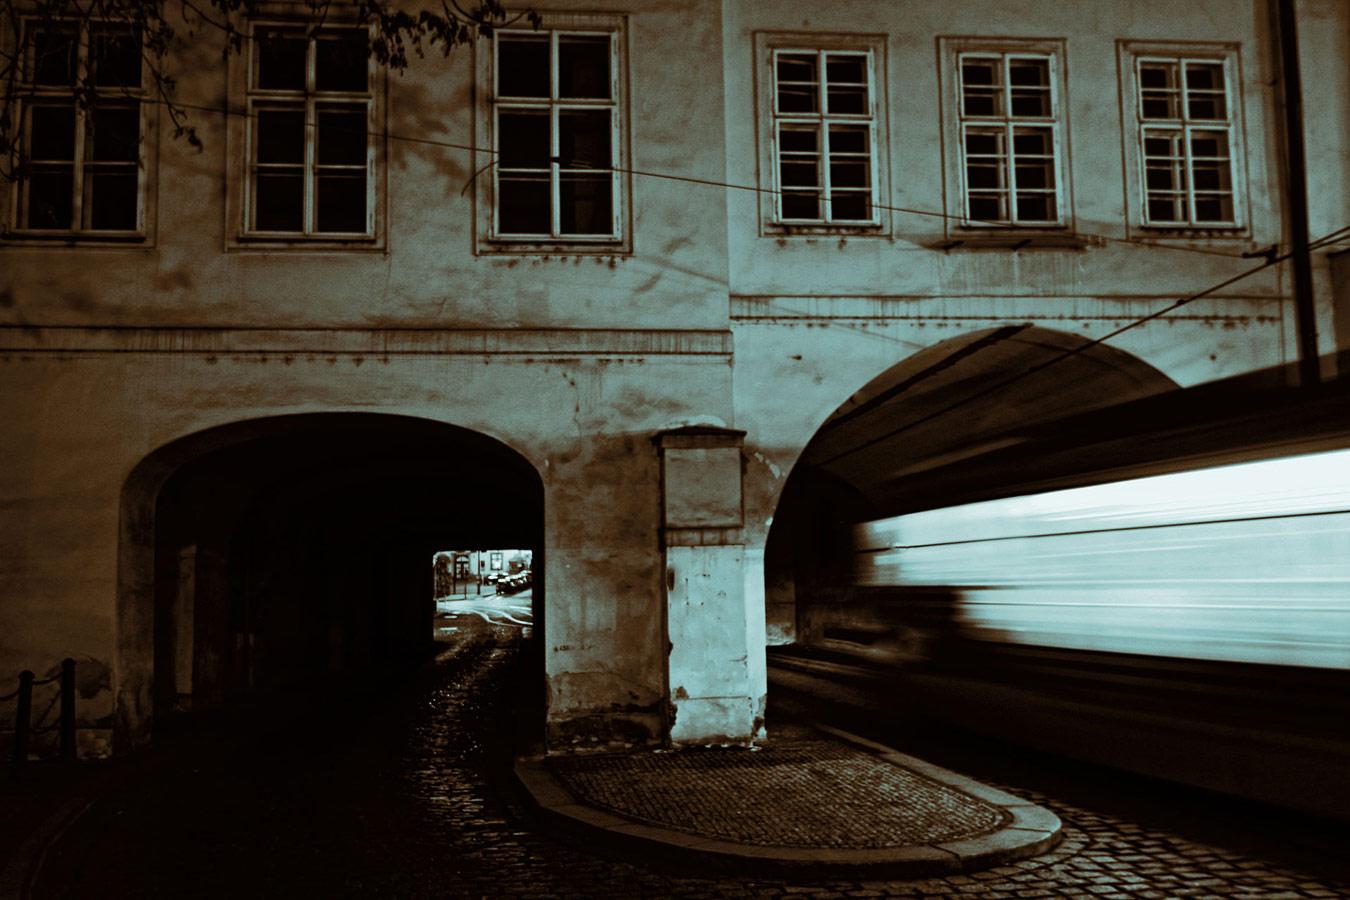 Кафка, © Дирк Шефер, Фотоконкурс «Фотография и литература» – Wort im Bild